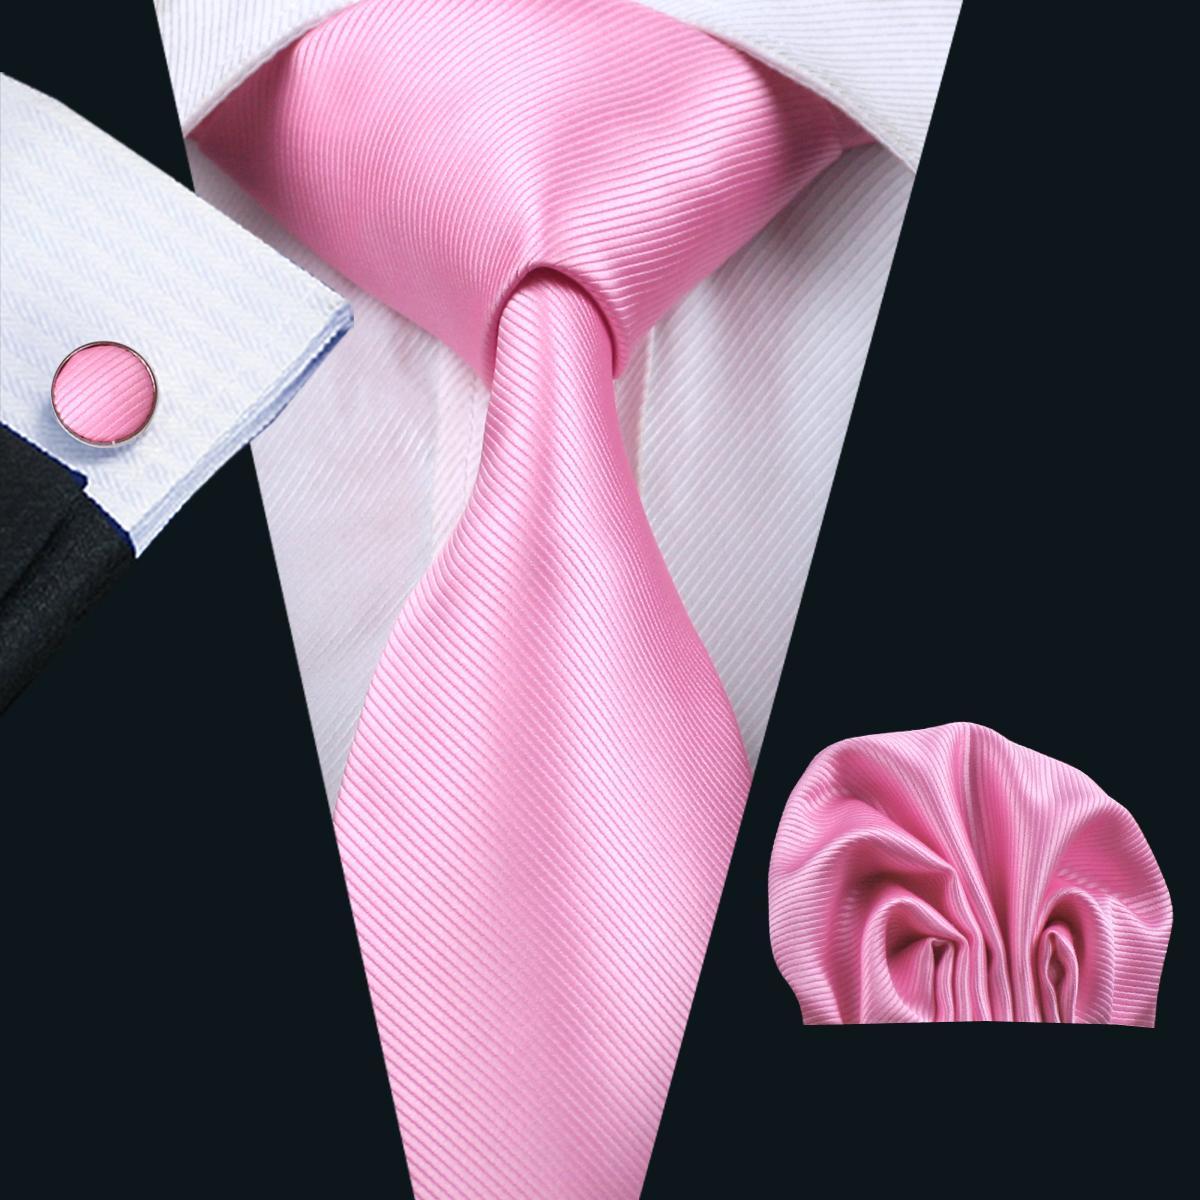 핑크 넥타이 손수건 커프스 단추 세트 자카드 짠 남성 넥타이 비즈니스 정장 정장 회의 레저 N-0820